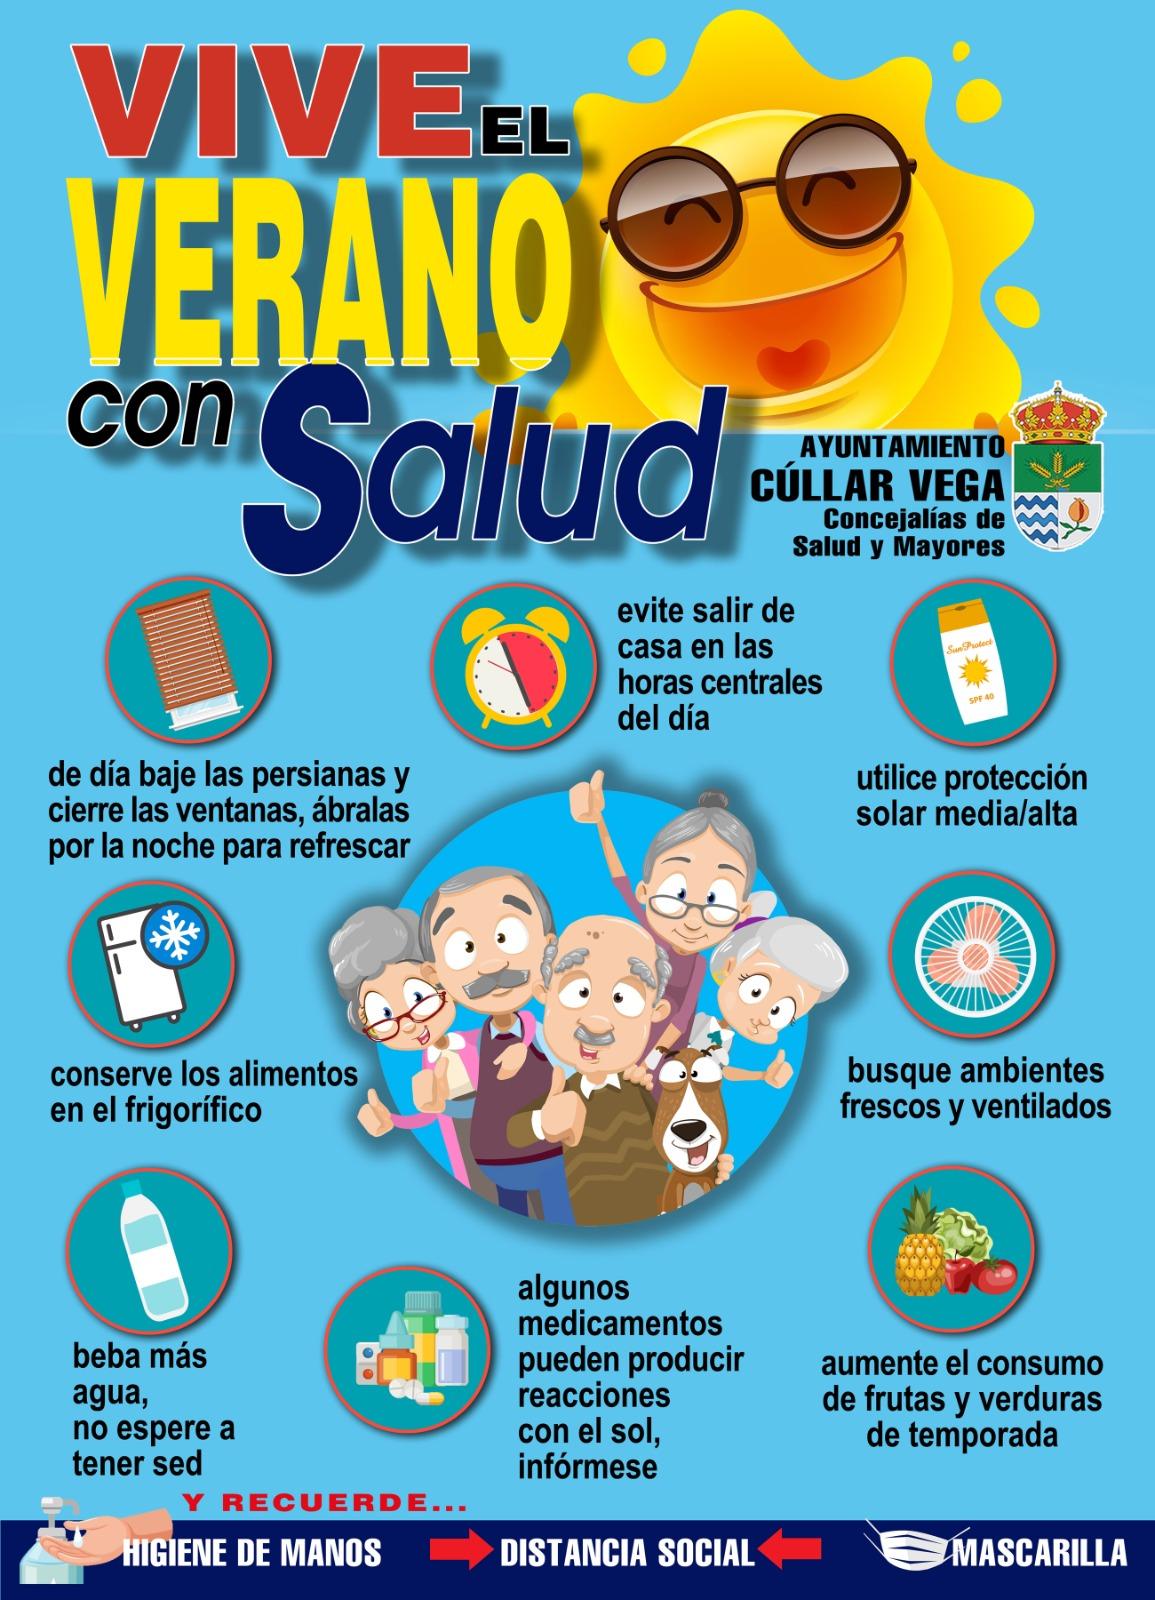 Vive el Verano con Salud en Cúllar Vega